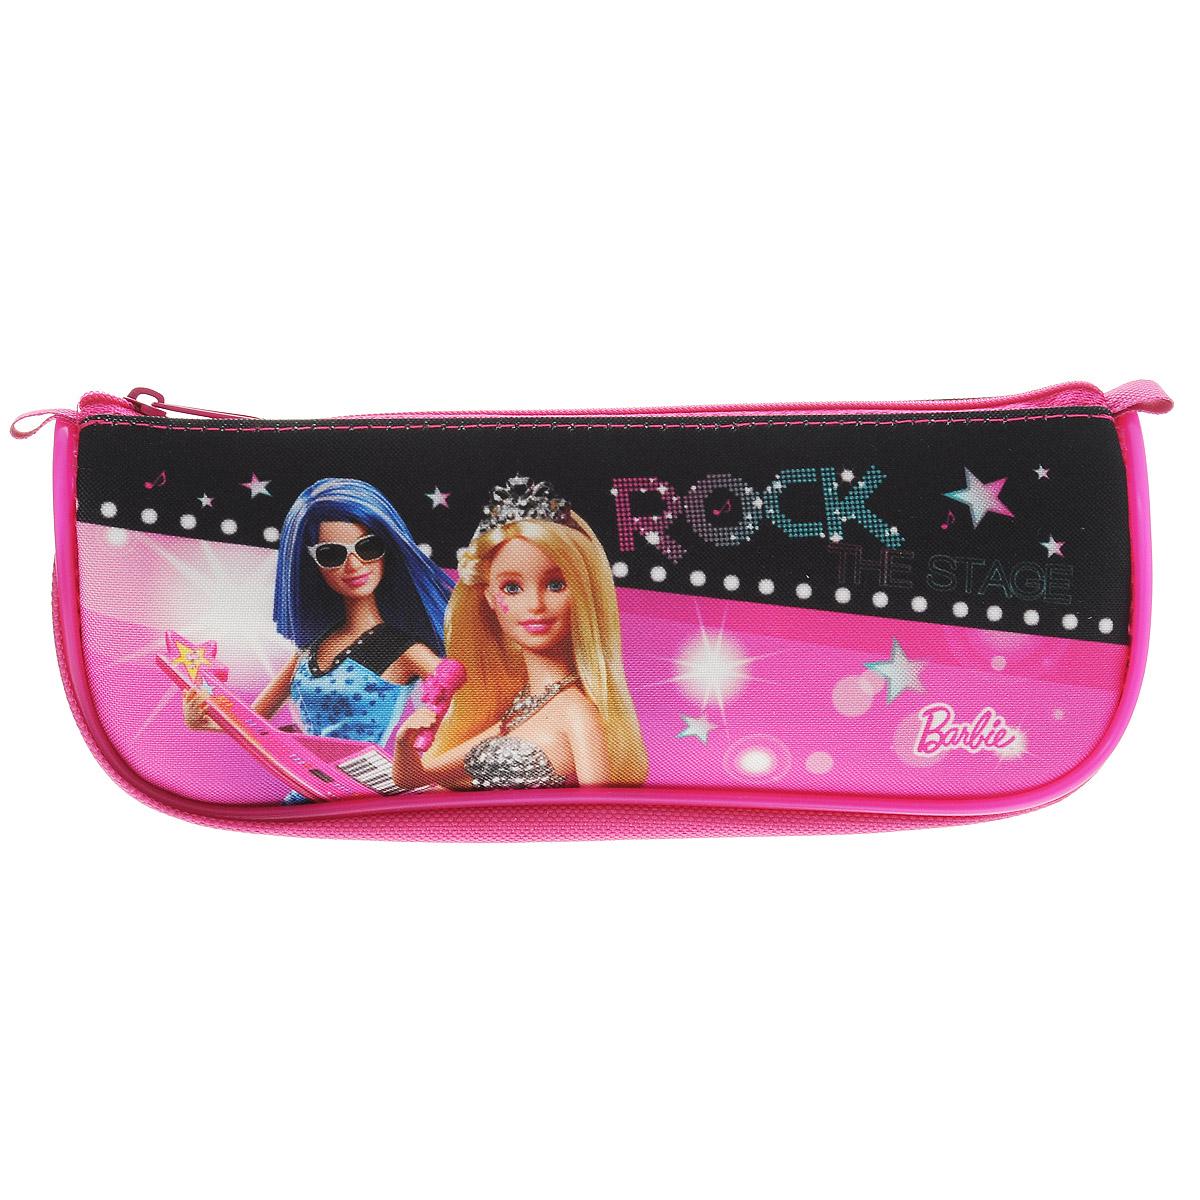 Пенал Hatber мягкий на молнии-БАРБИ- (Barbie), розовыйNpk_02786_розовыйУдобный пенал для школьных канцелярских принадлежностей. Пенал имеет одно отделение и надежную застежку-молнию.